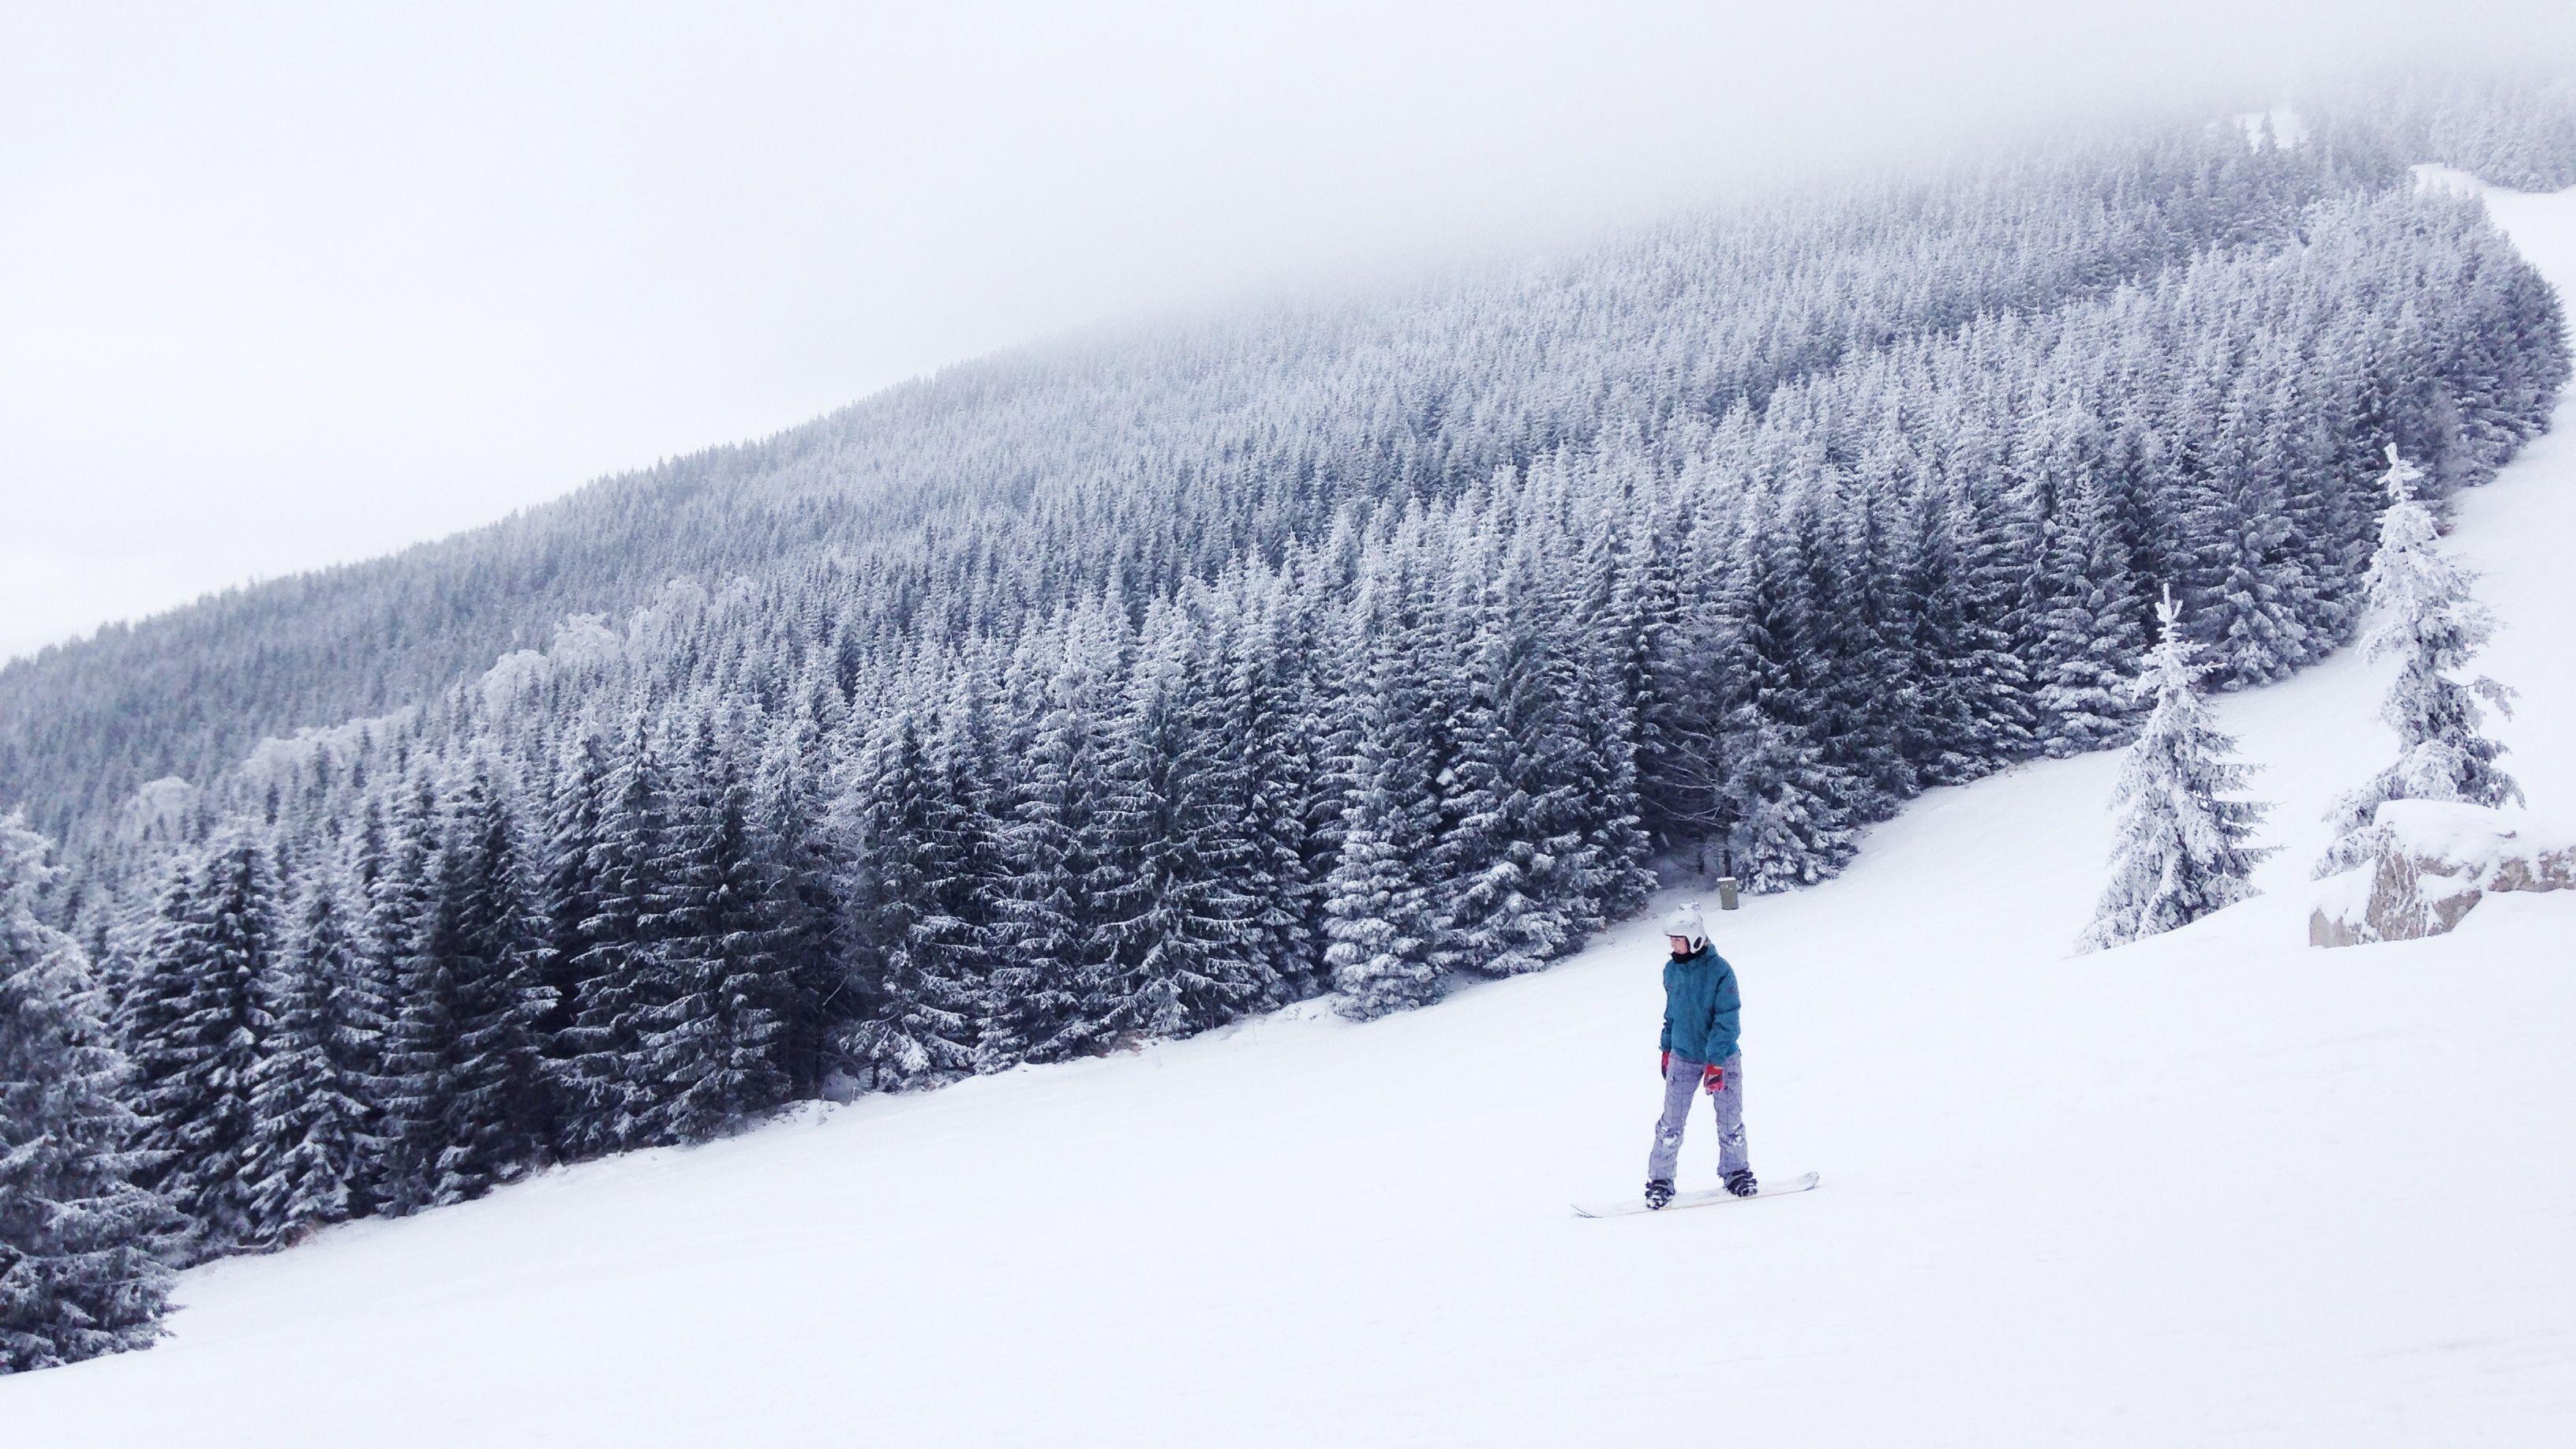 【商品開発】冬をもっと楽しもう。オリジナルスノーボードの開発がスタート。